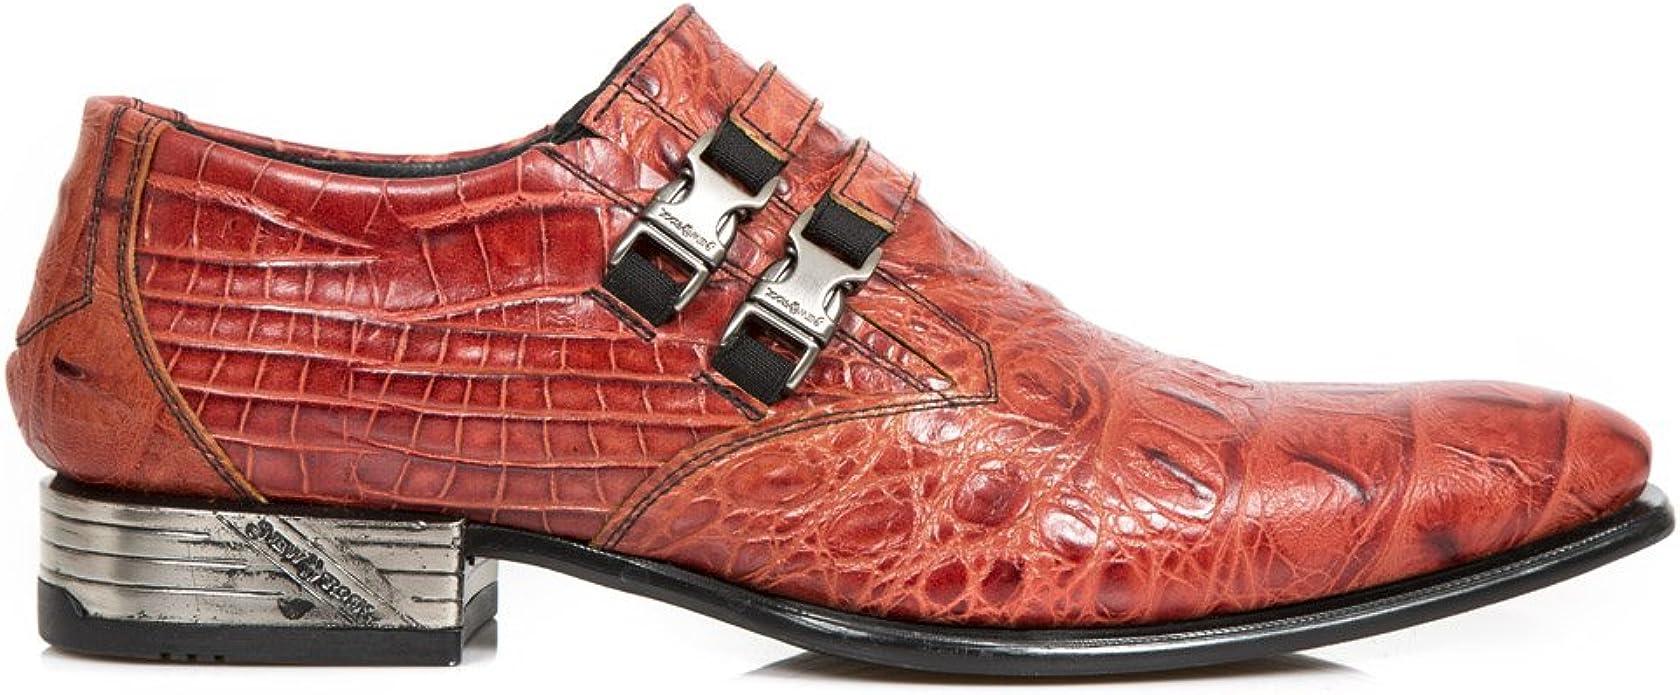 Zapato Hombre de piel con hebillas NEW ROCK ORIGINAL M.2246-S5